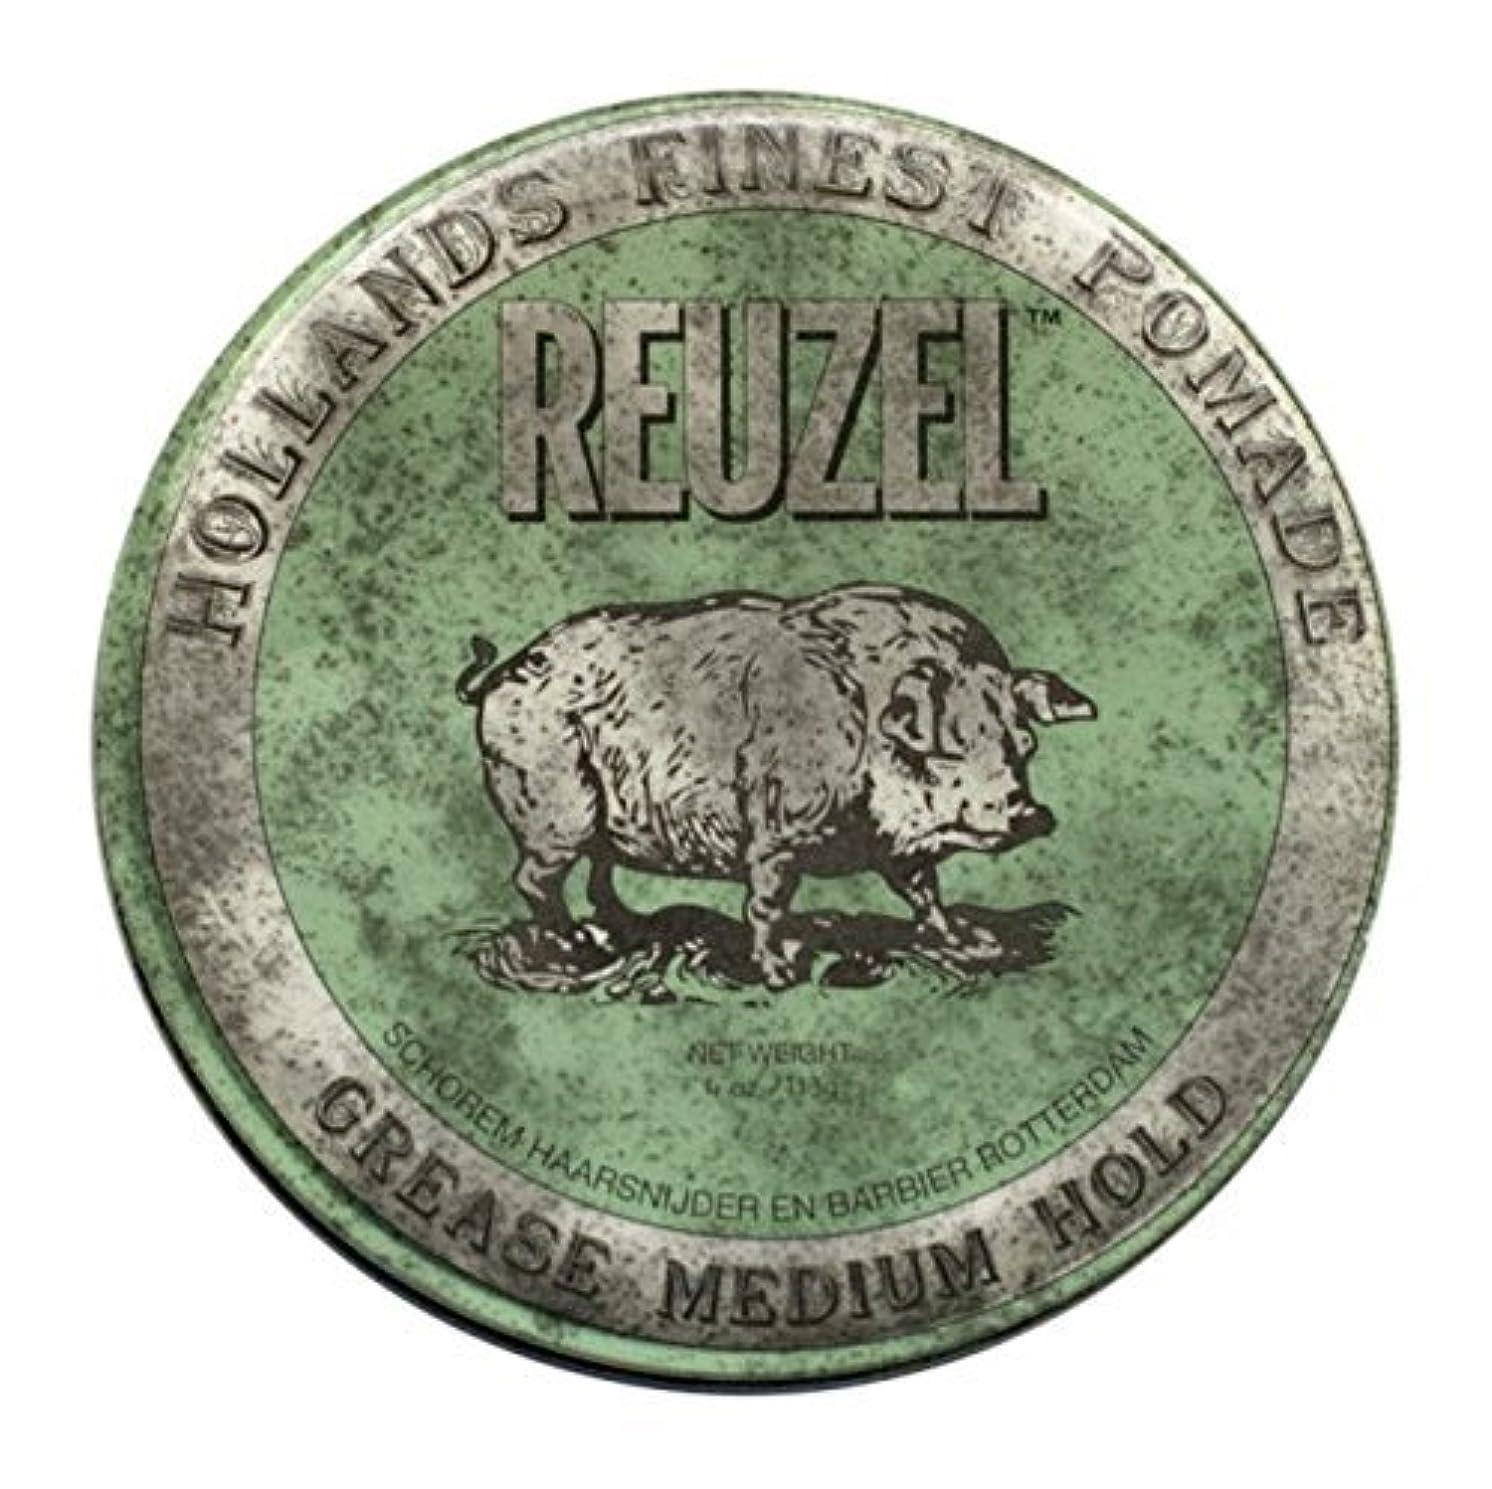 レイアウト乗ってランチReuzel Green Grease Medium Hold Hair Styling Pomade Piglet 1.3oz (35g) Wax/Gel by Reuzel